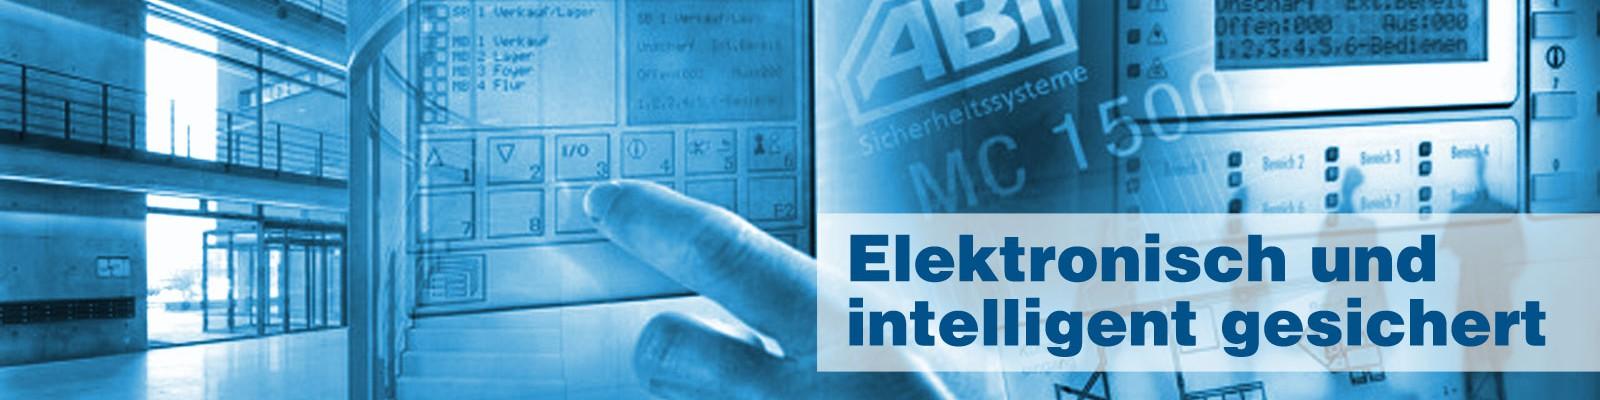 Elektronisch und intelligent gesichert